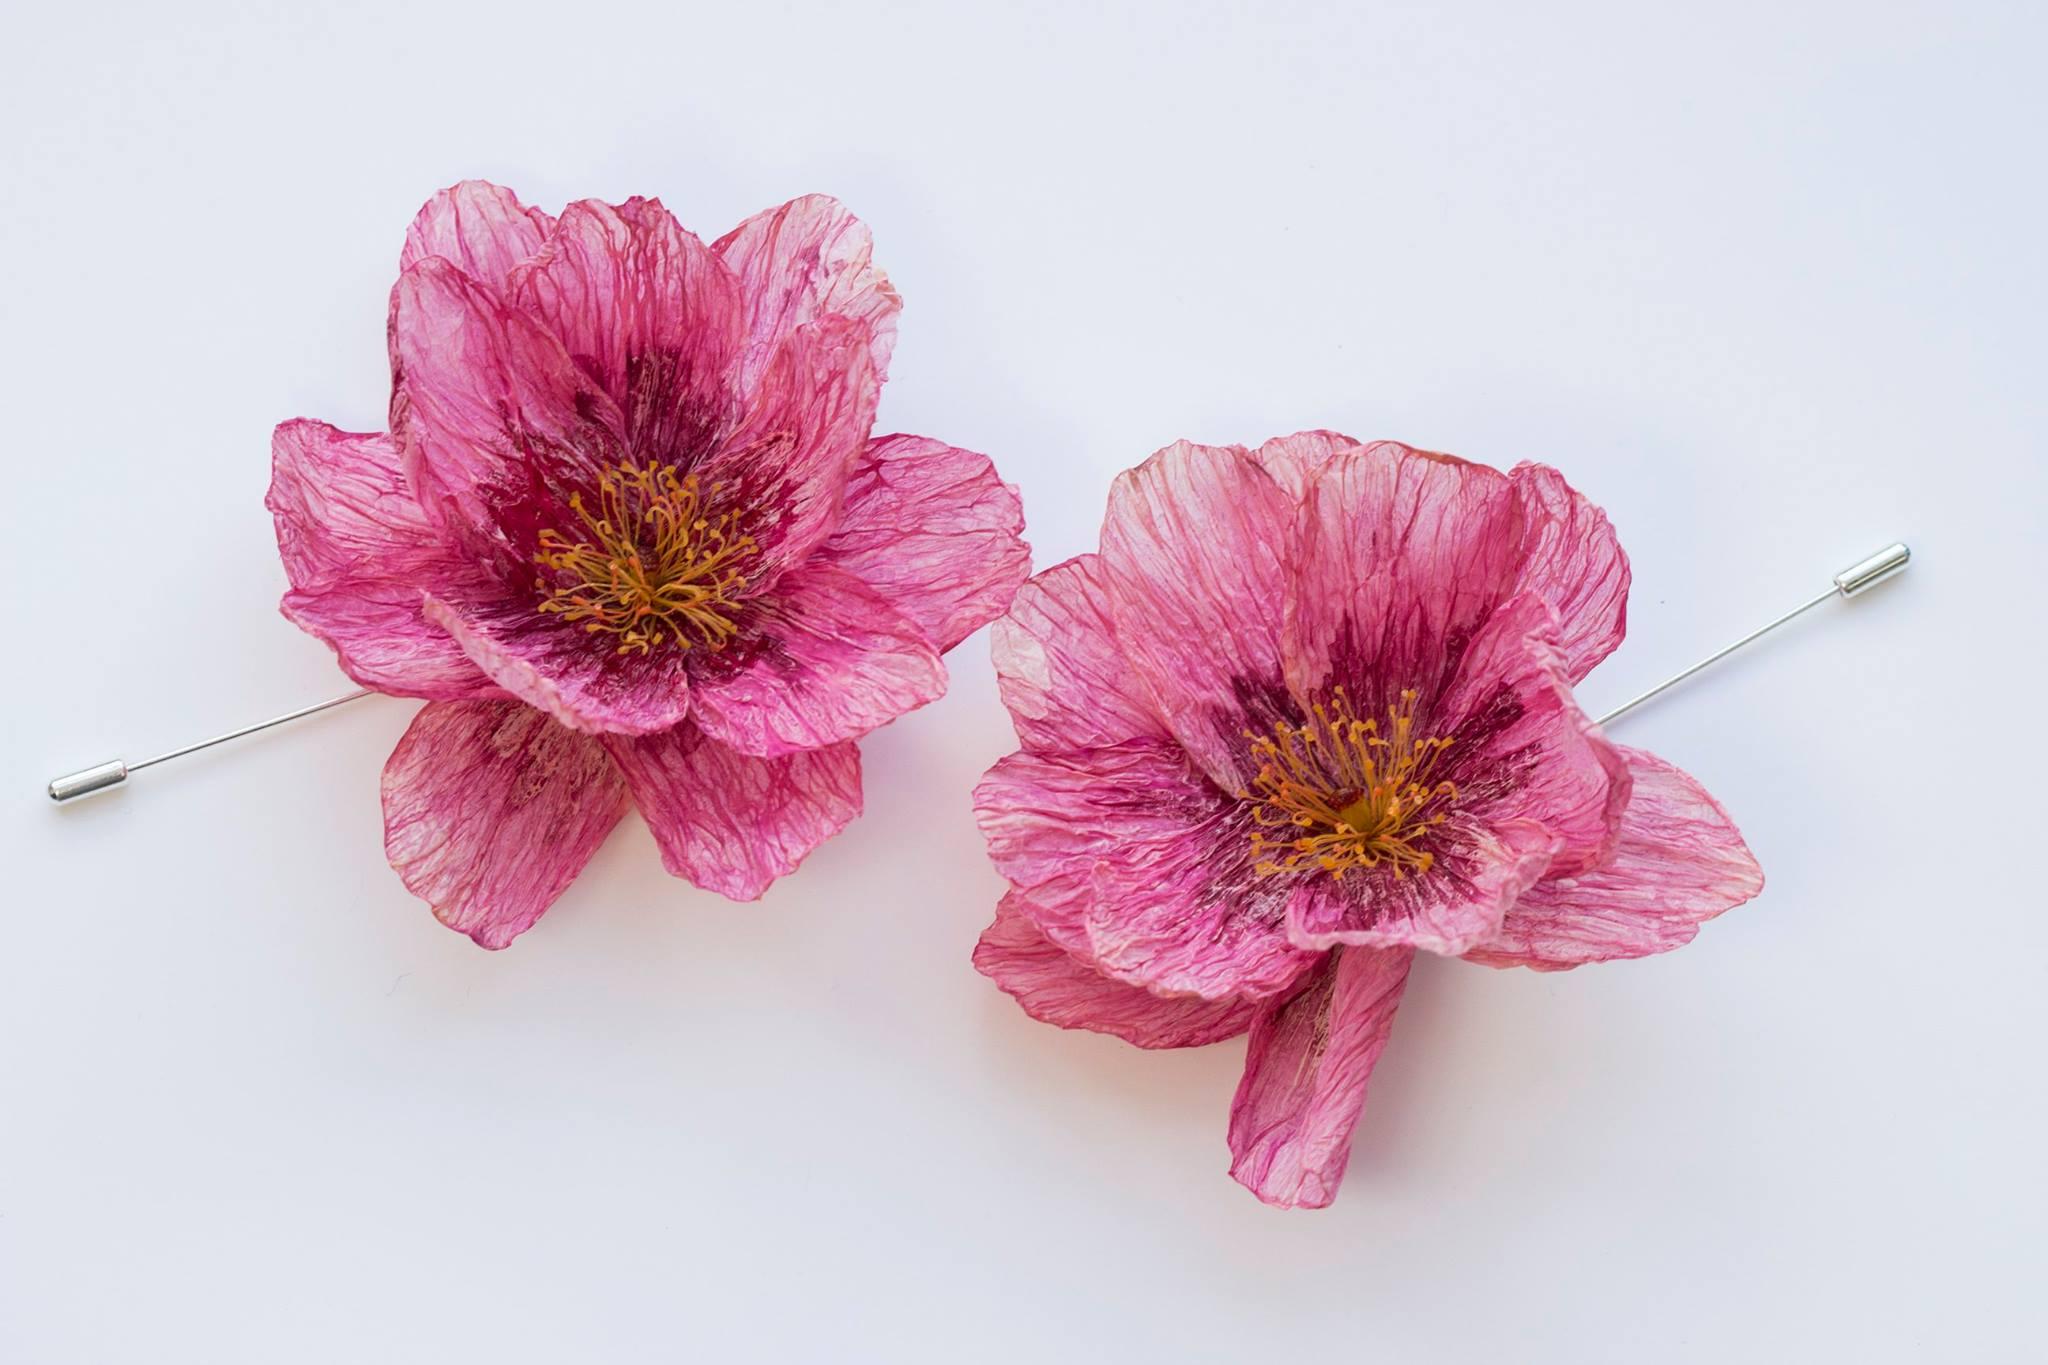 Các cách làm hoa bằng phế liệu cho bạn tham khảo: